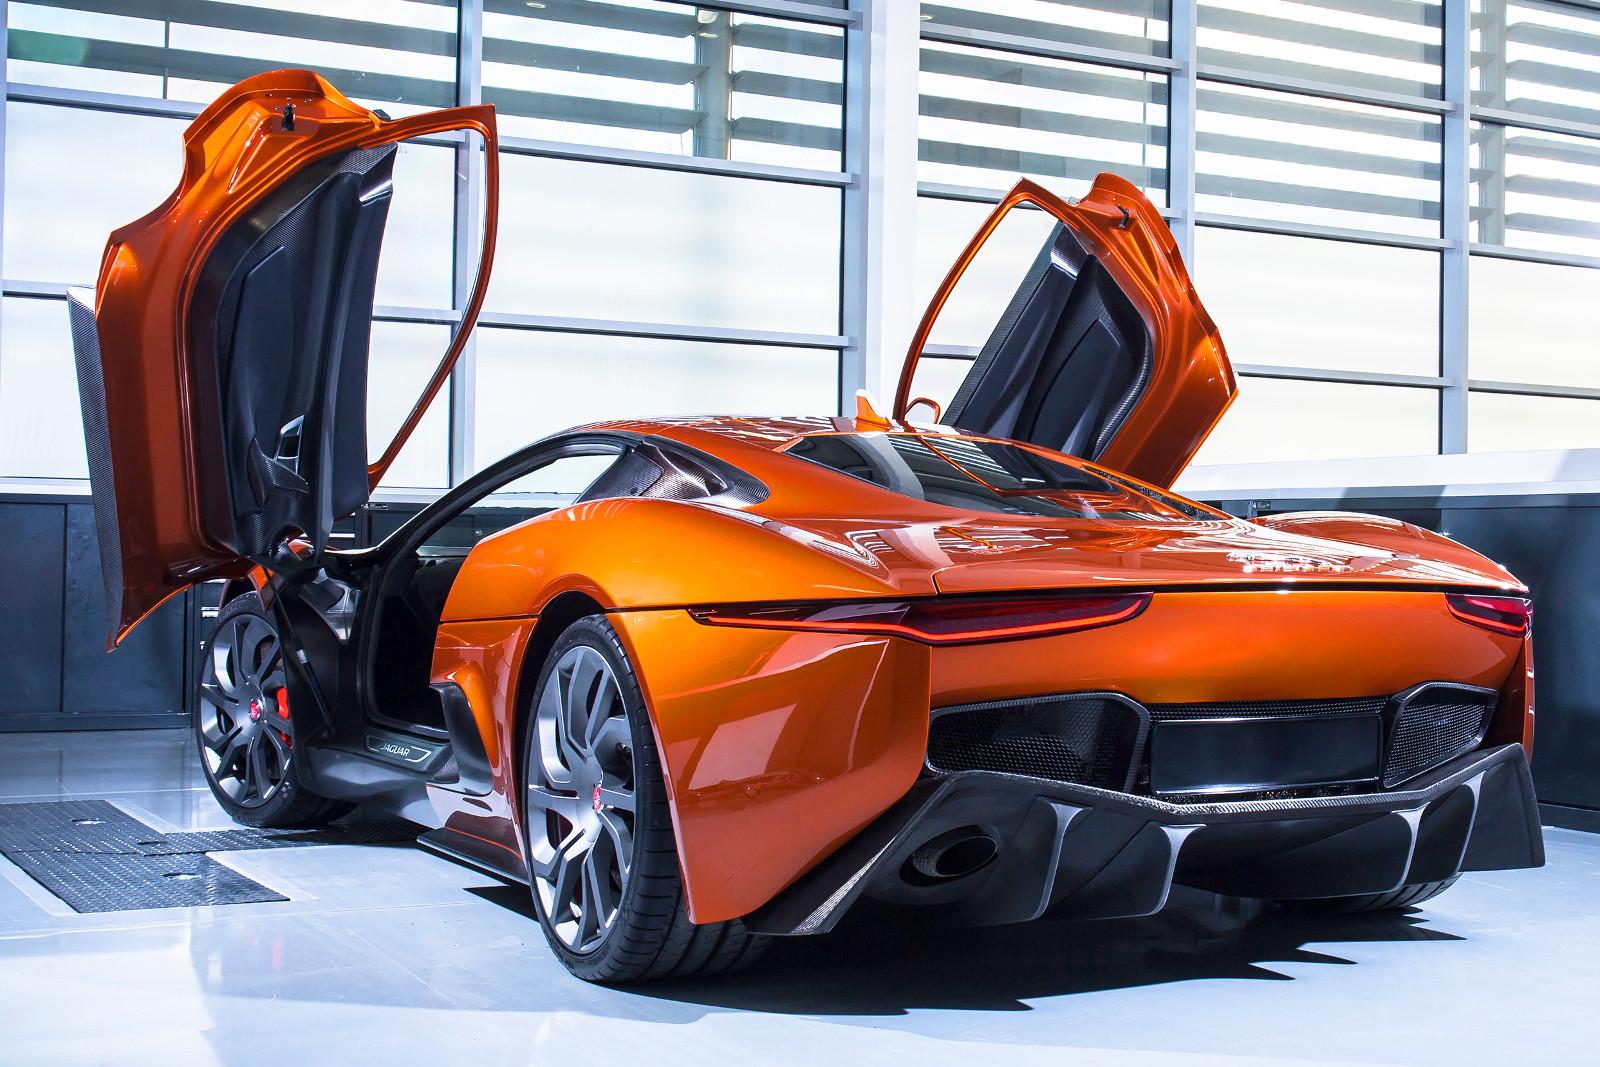 Az eltárolt fényképen/videón lévő állapotot kell majd fenntartania a Jaguar és Land Rover tulajdnosnak a jövőben, ha lusta használni a kulcsot/jeladót